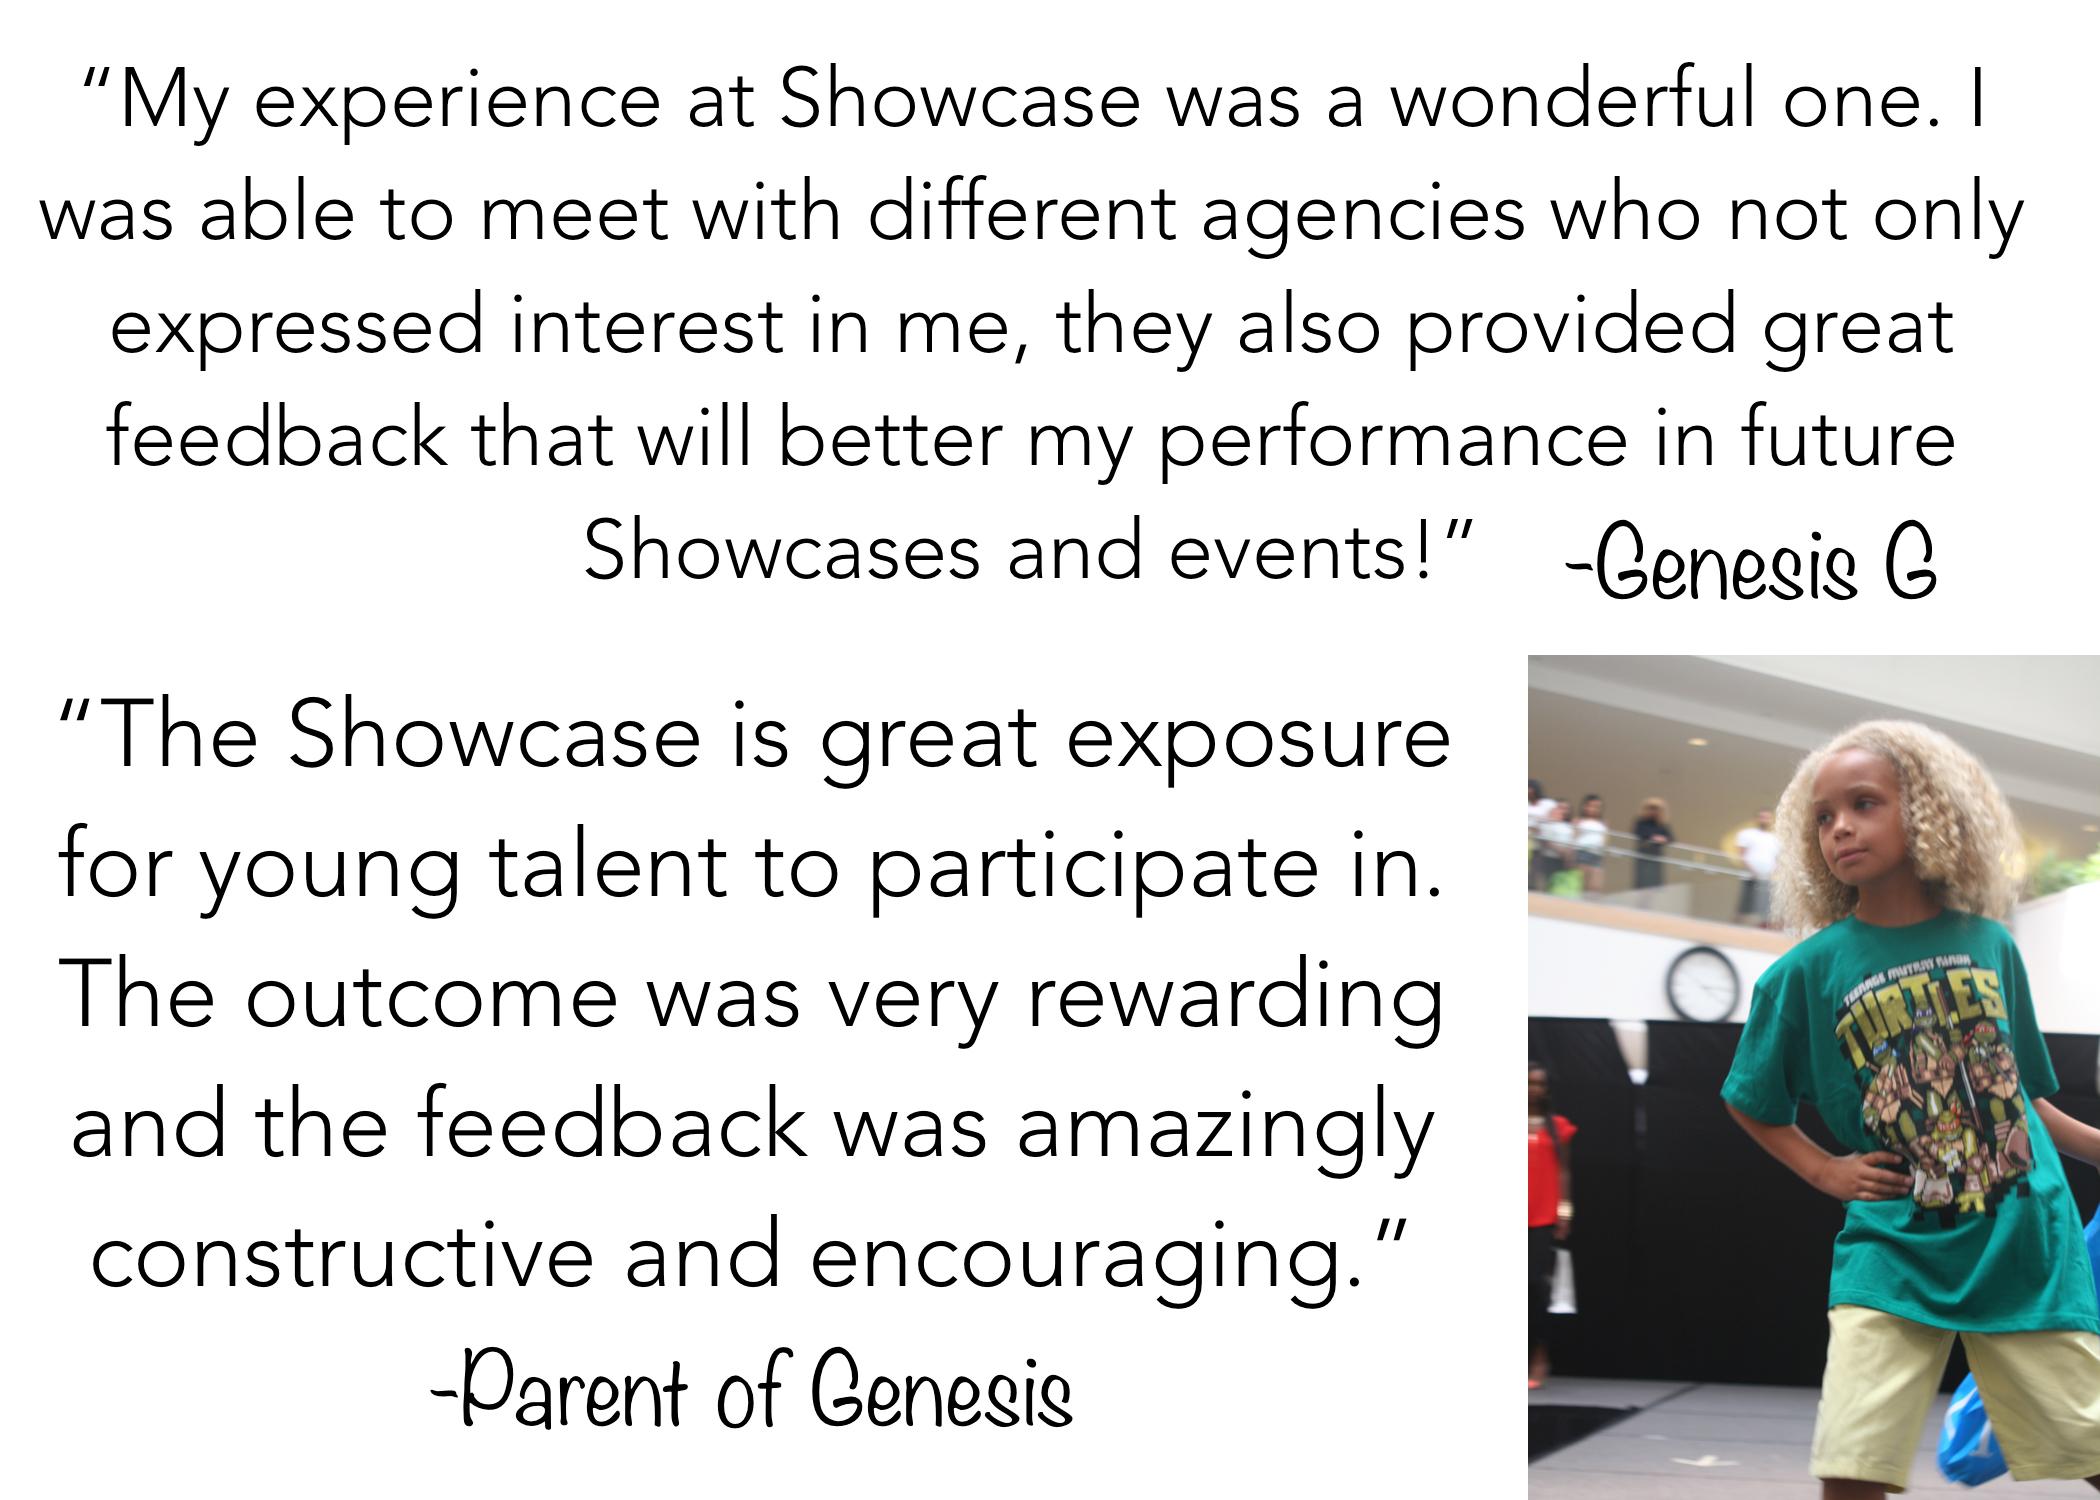 Genesis G